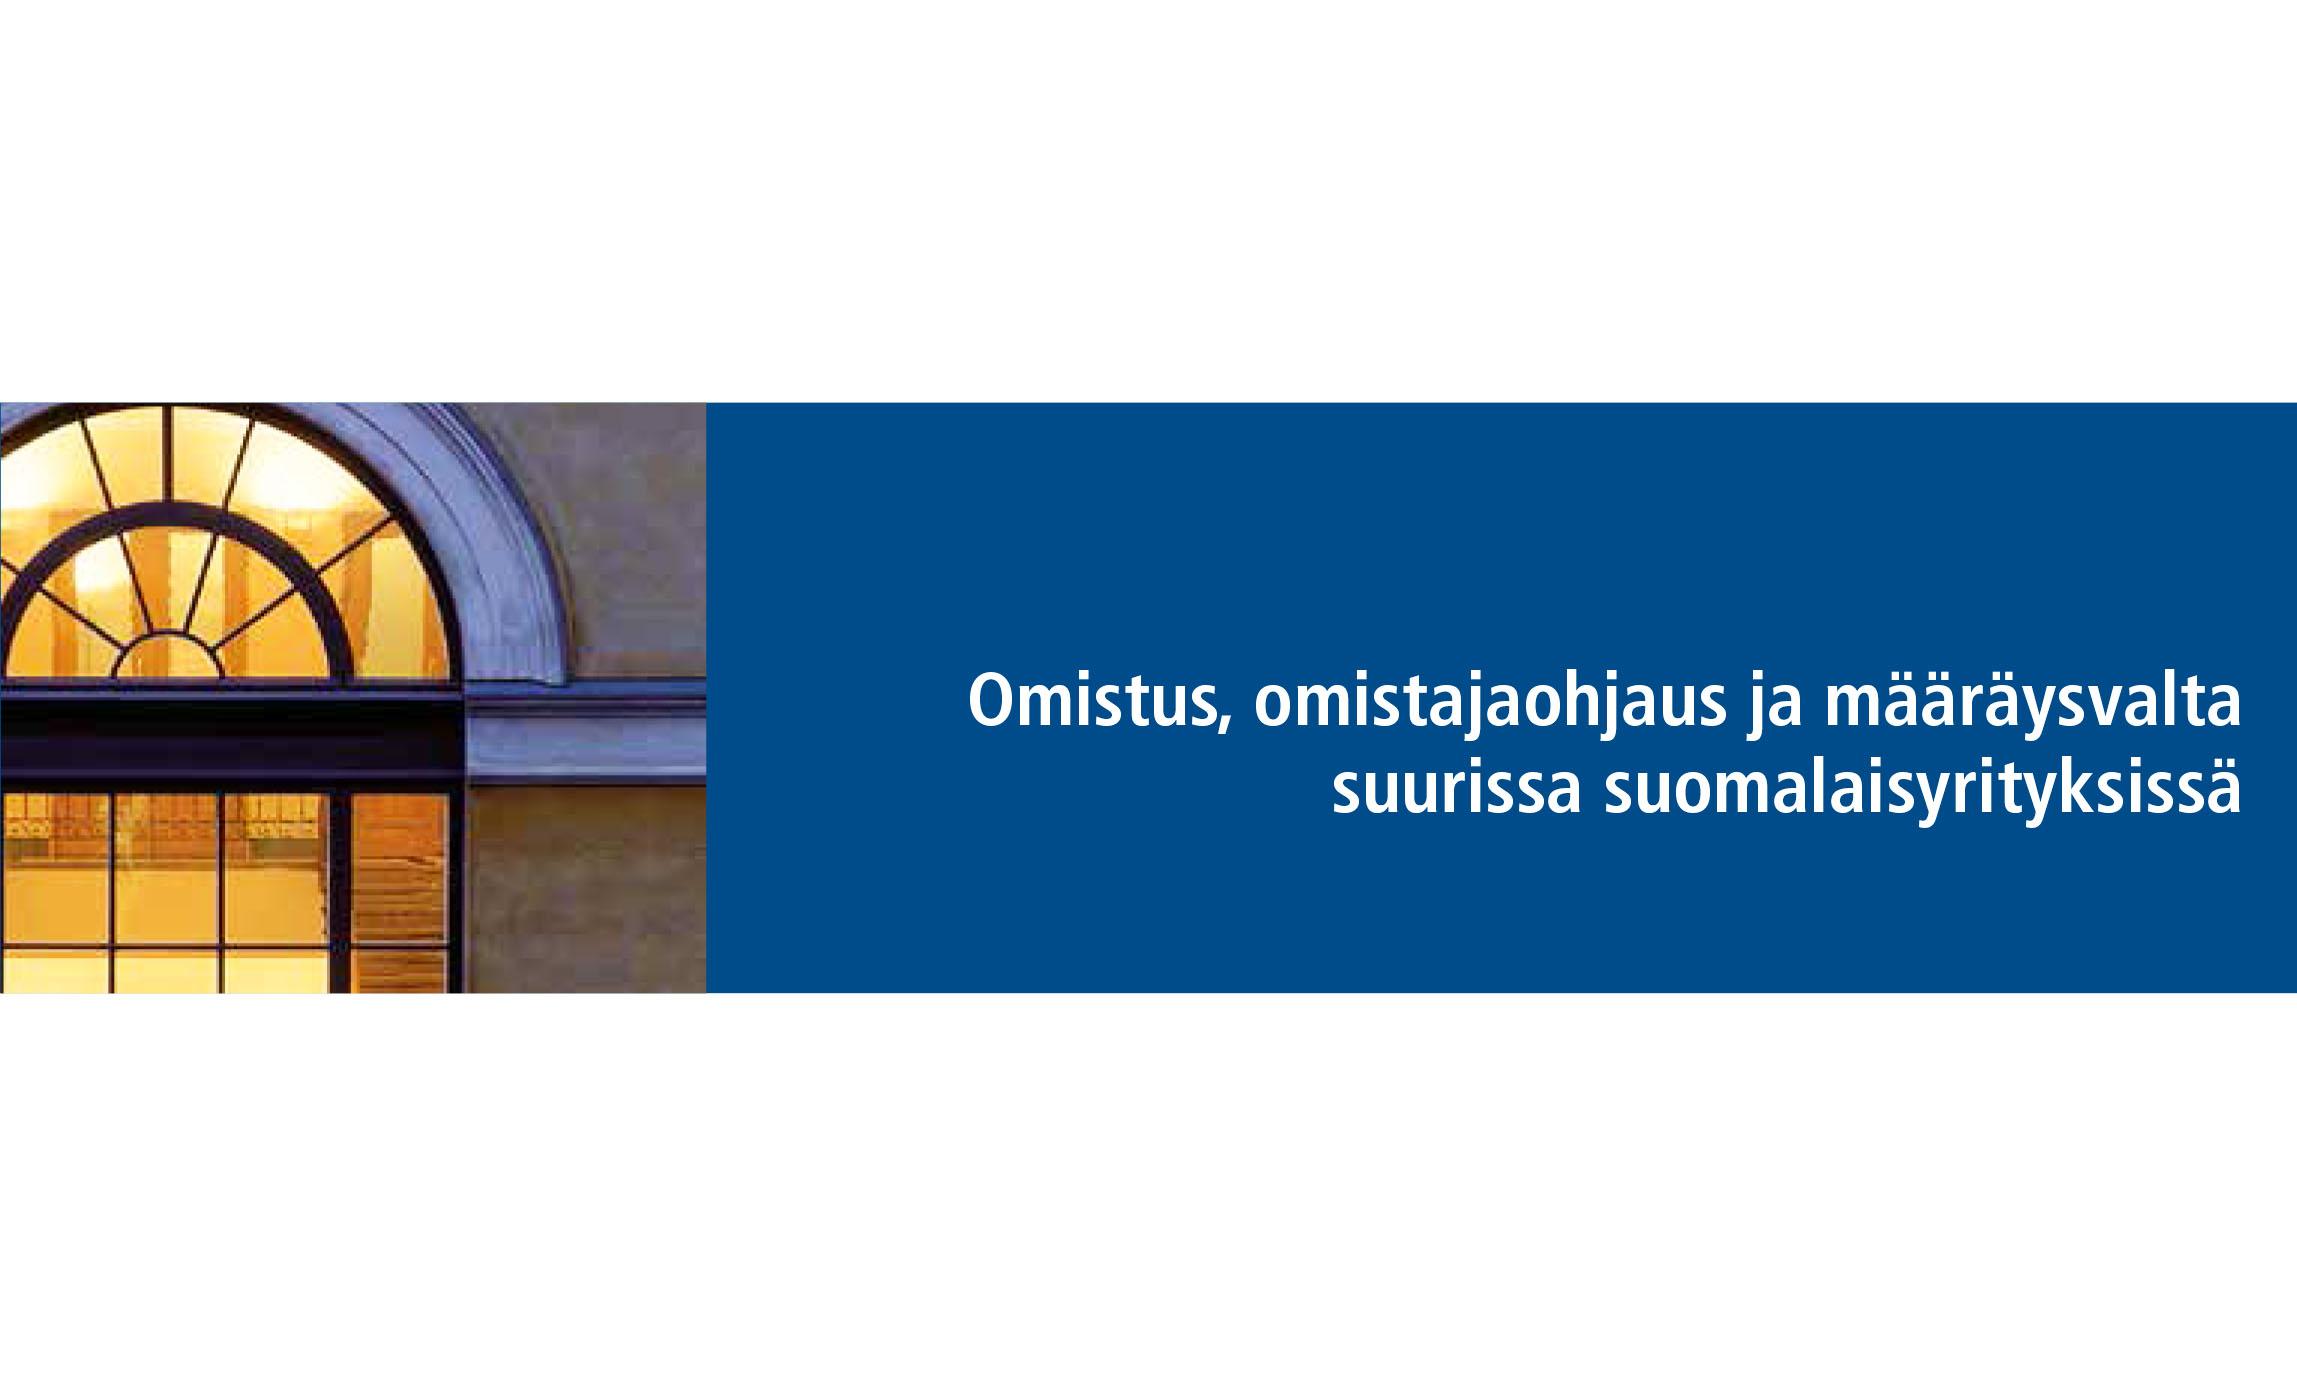 Microsoft Word - Raportti - taittoversio omistajuus.docx